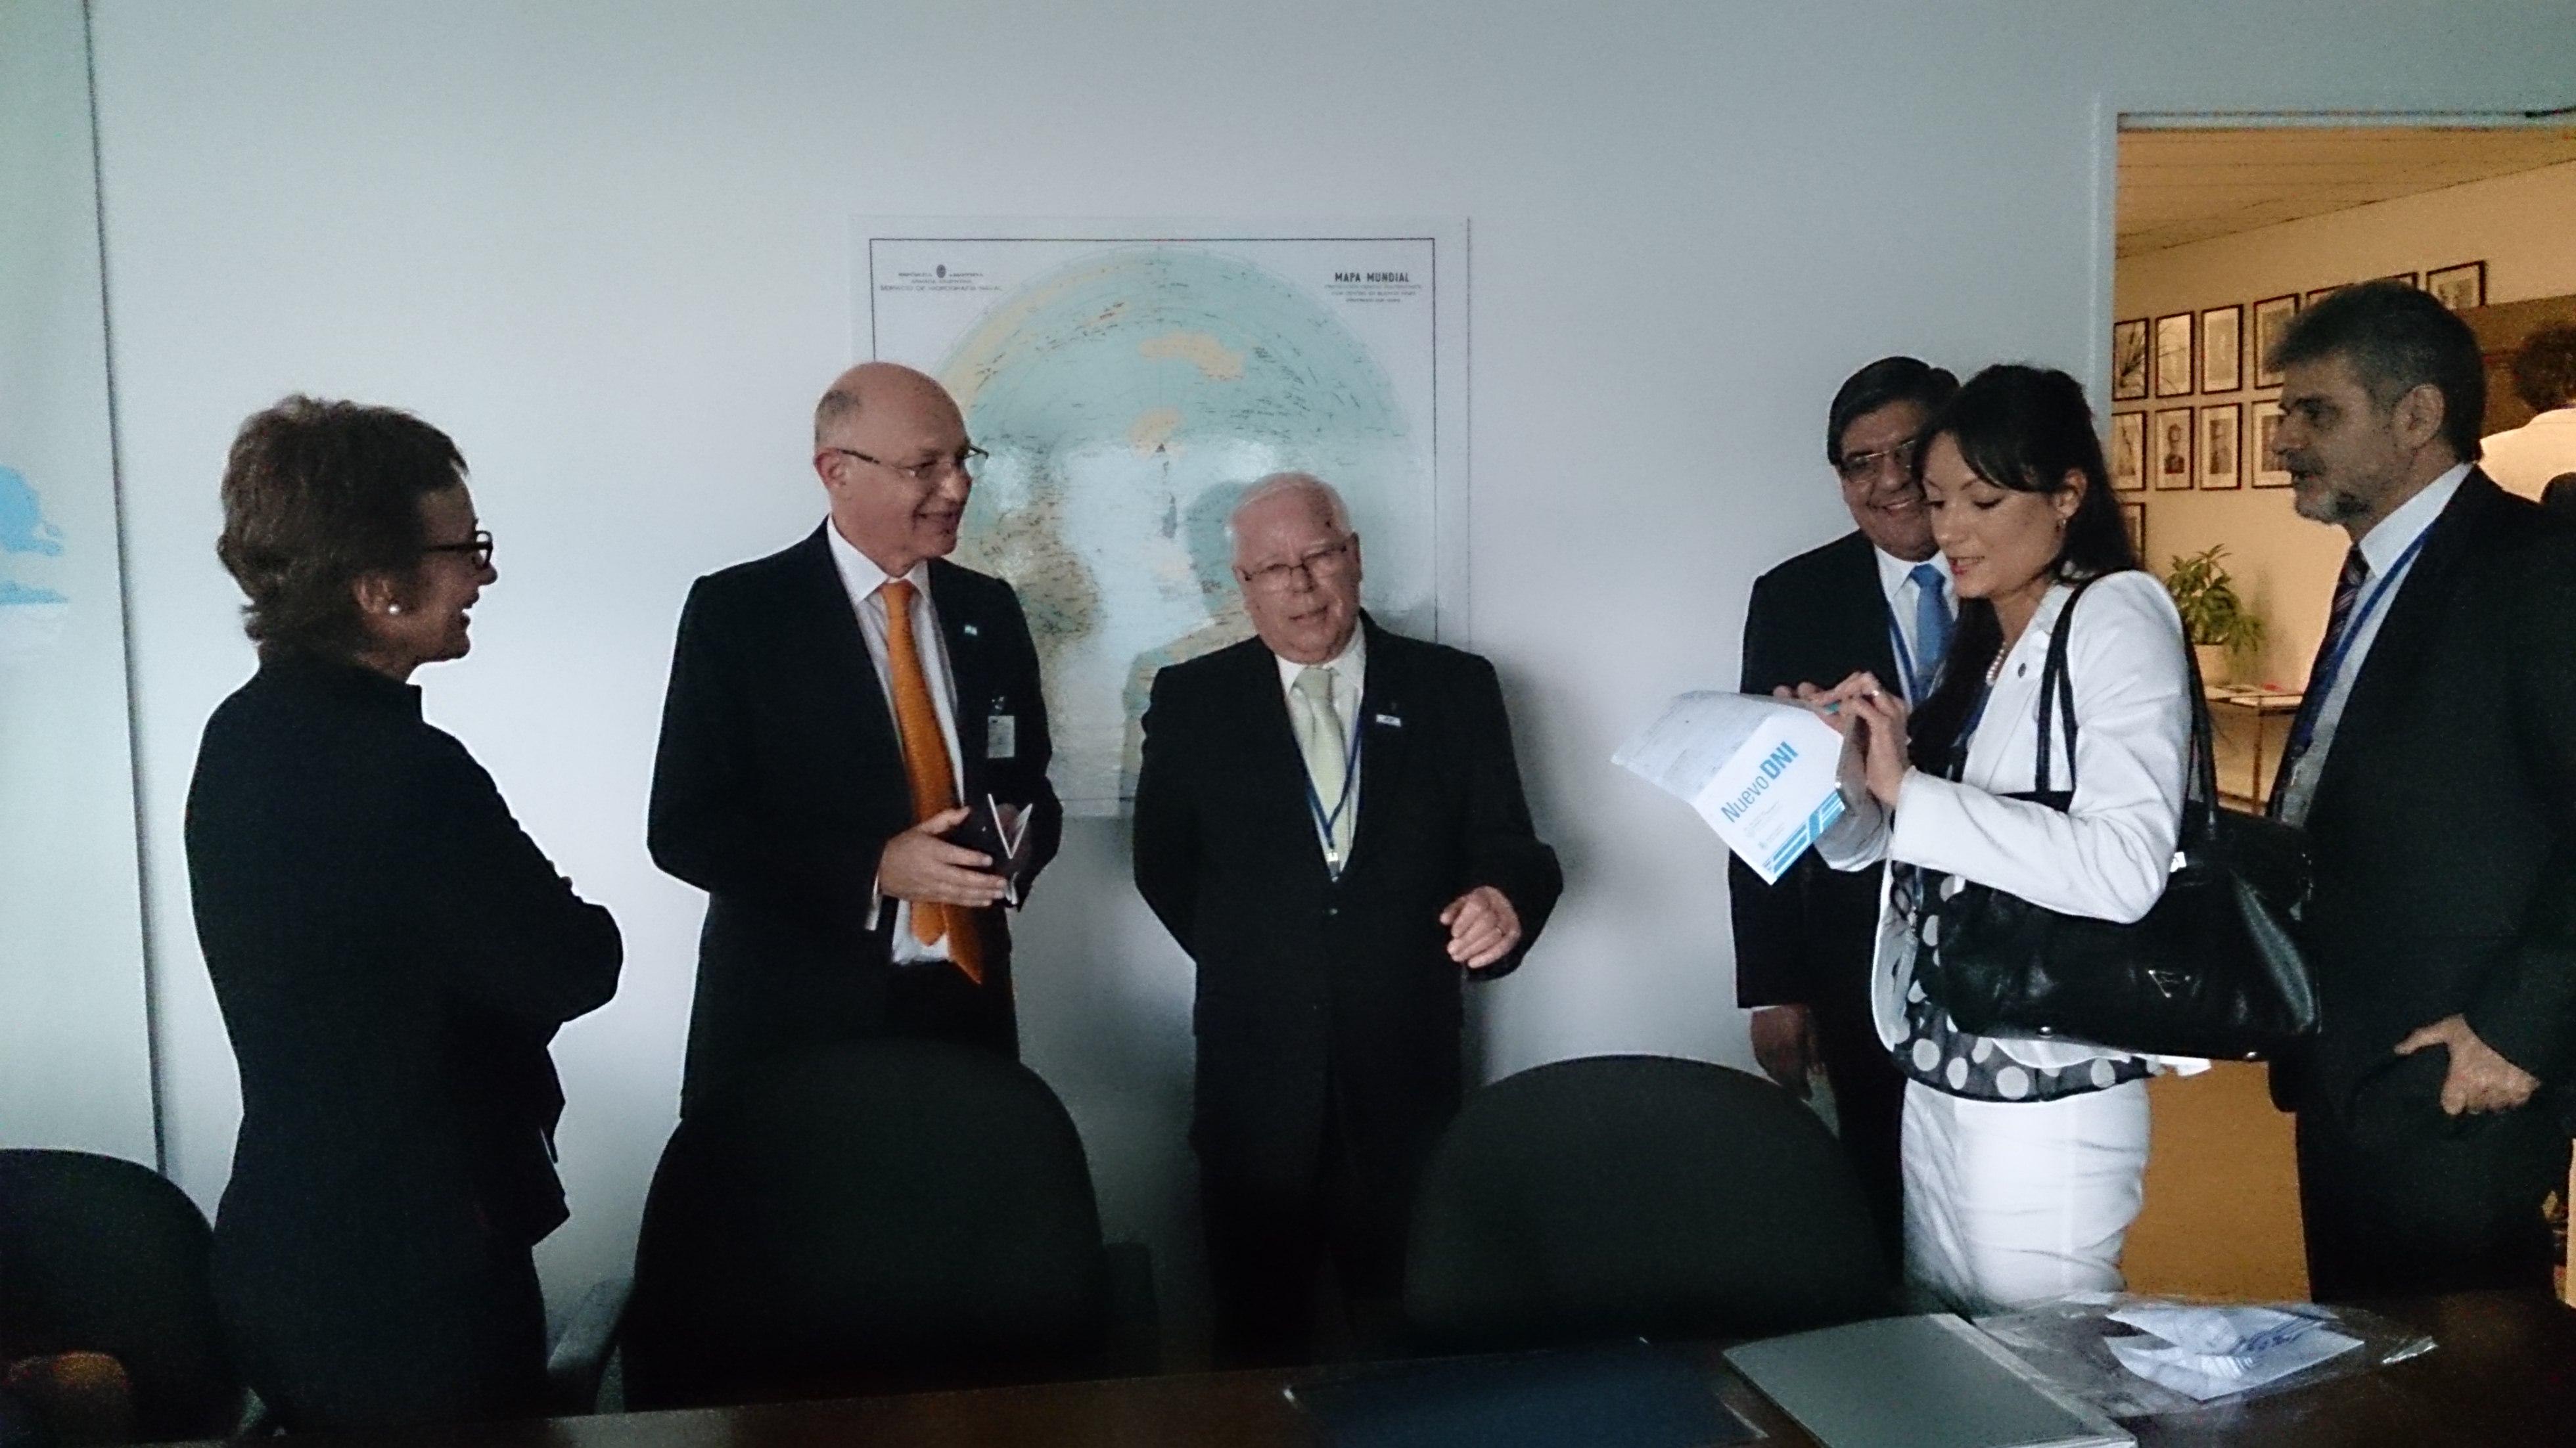 La gobernadora Ríos, el canciller Timerman, Alejandro Betts, el legislador Juan Carlos Arcando y el Secretario de Asuntos relativos a la Cuestión Malvinas, Daniel Filmus en la entrega del DNI en la ONU (Foto Prensa Gobierno TDF)